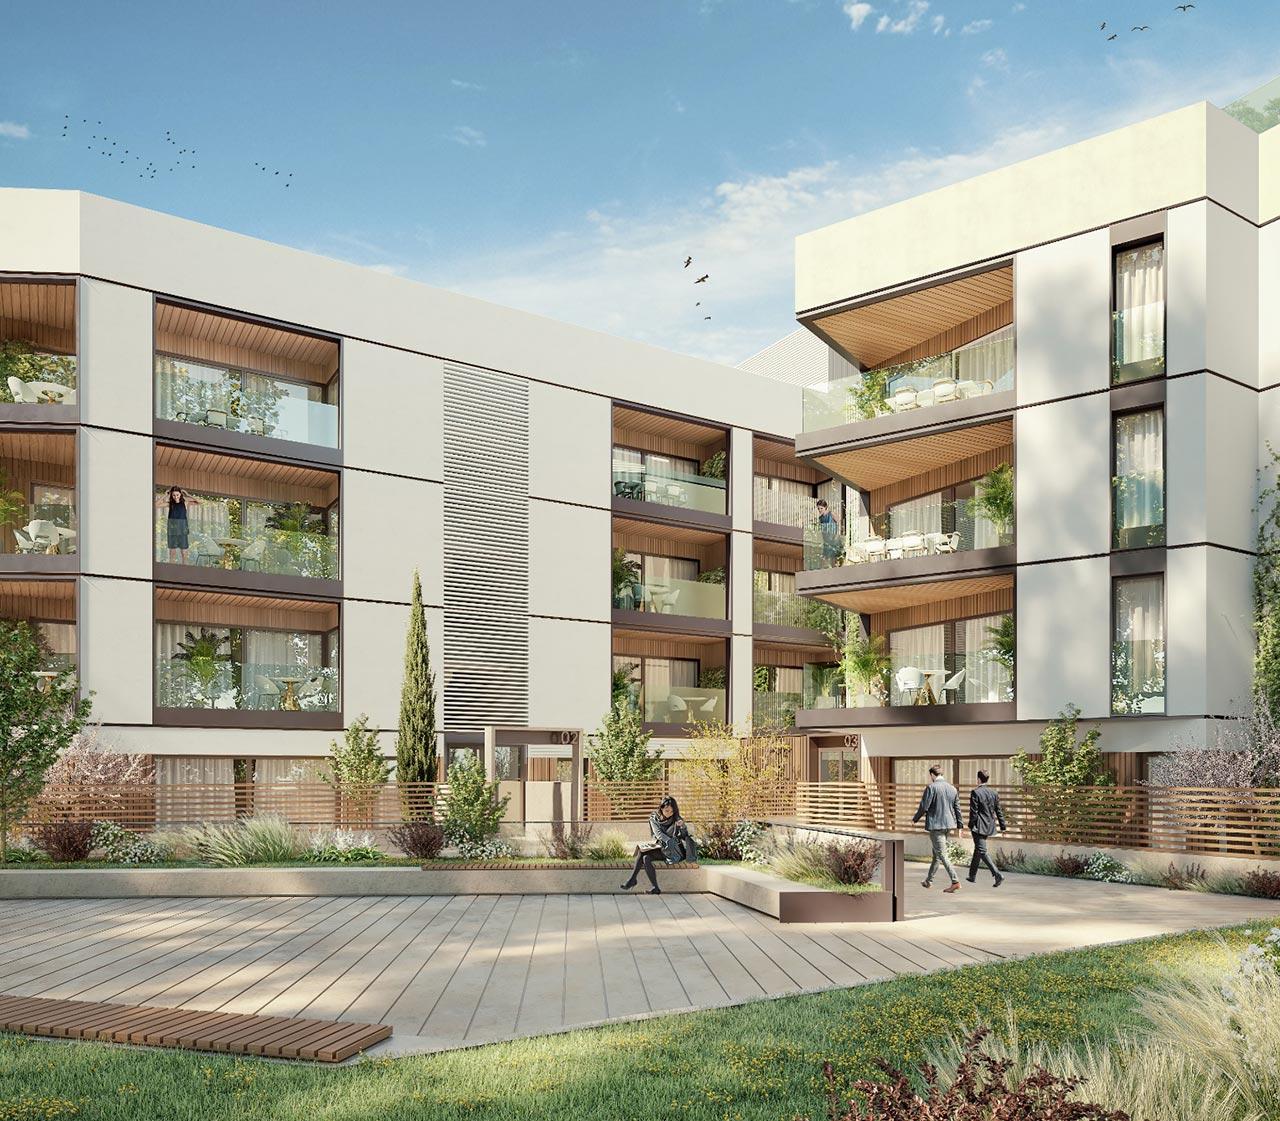 Promoción de viviendas personalizadas de obra nueva en Nervión - Sevilla